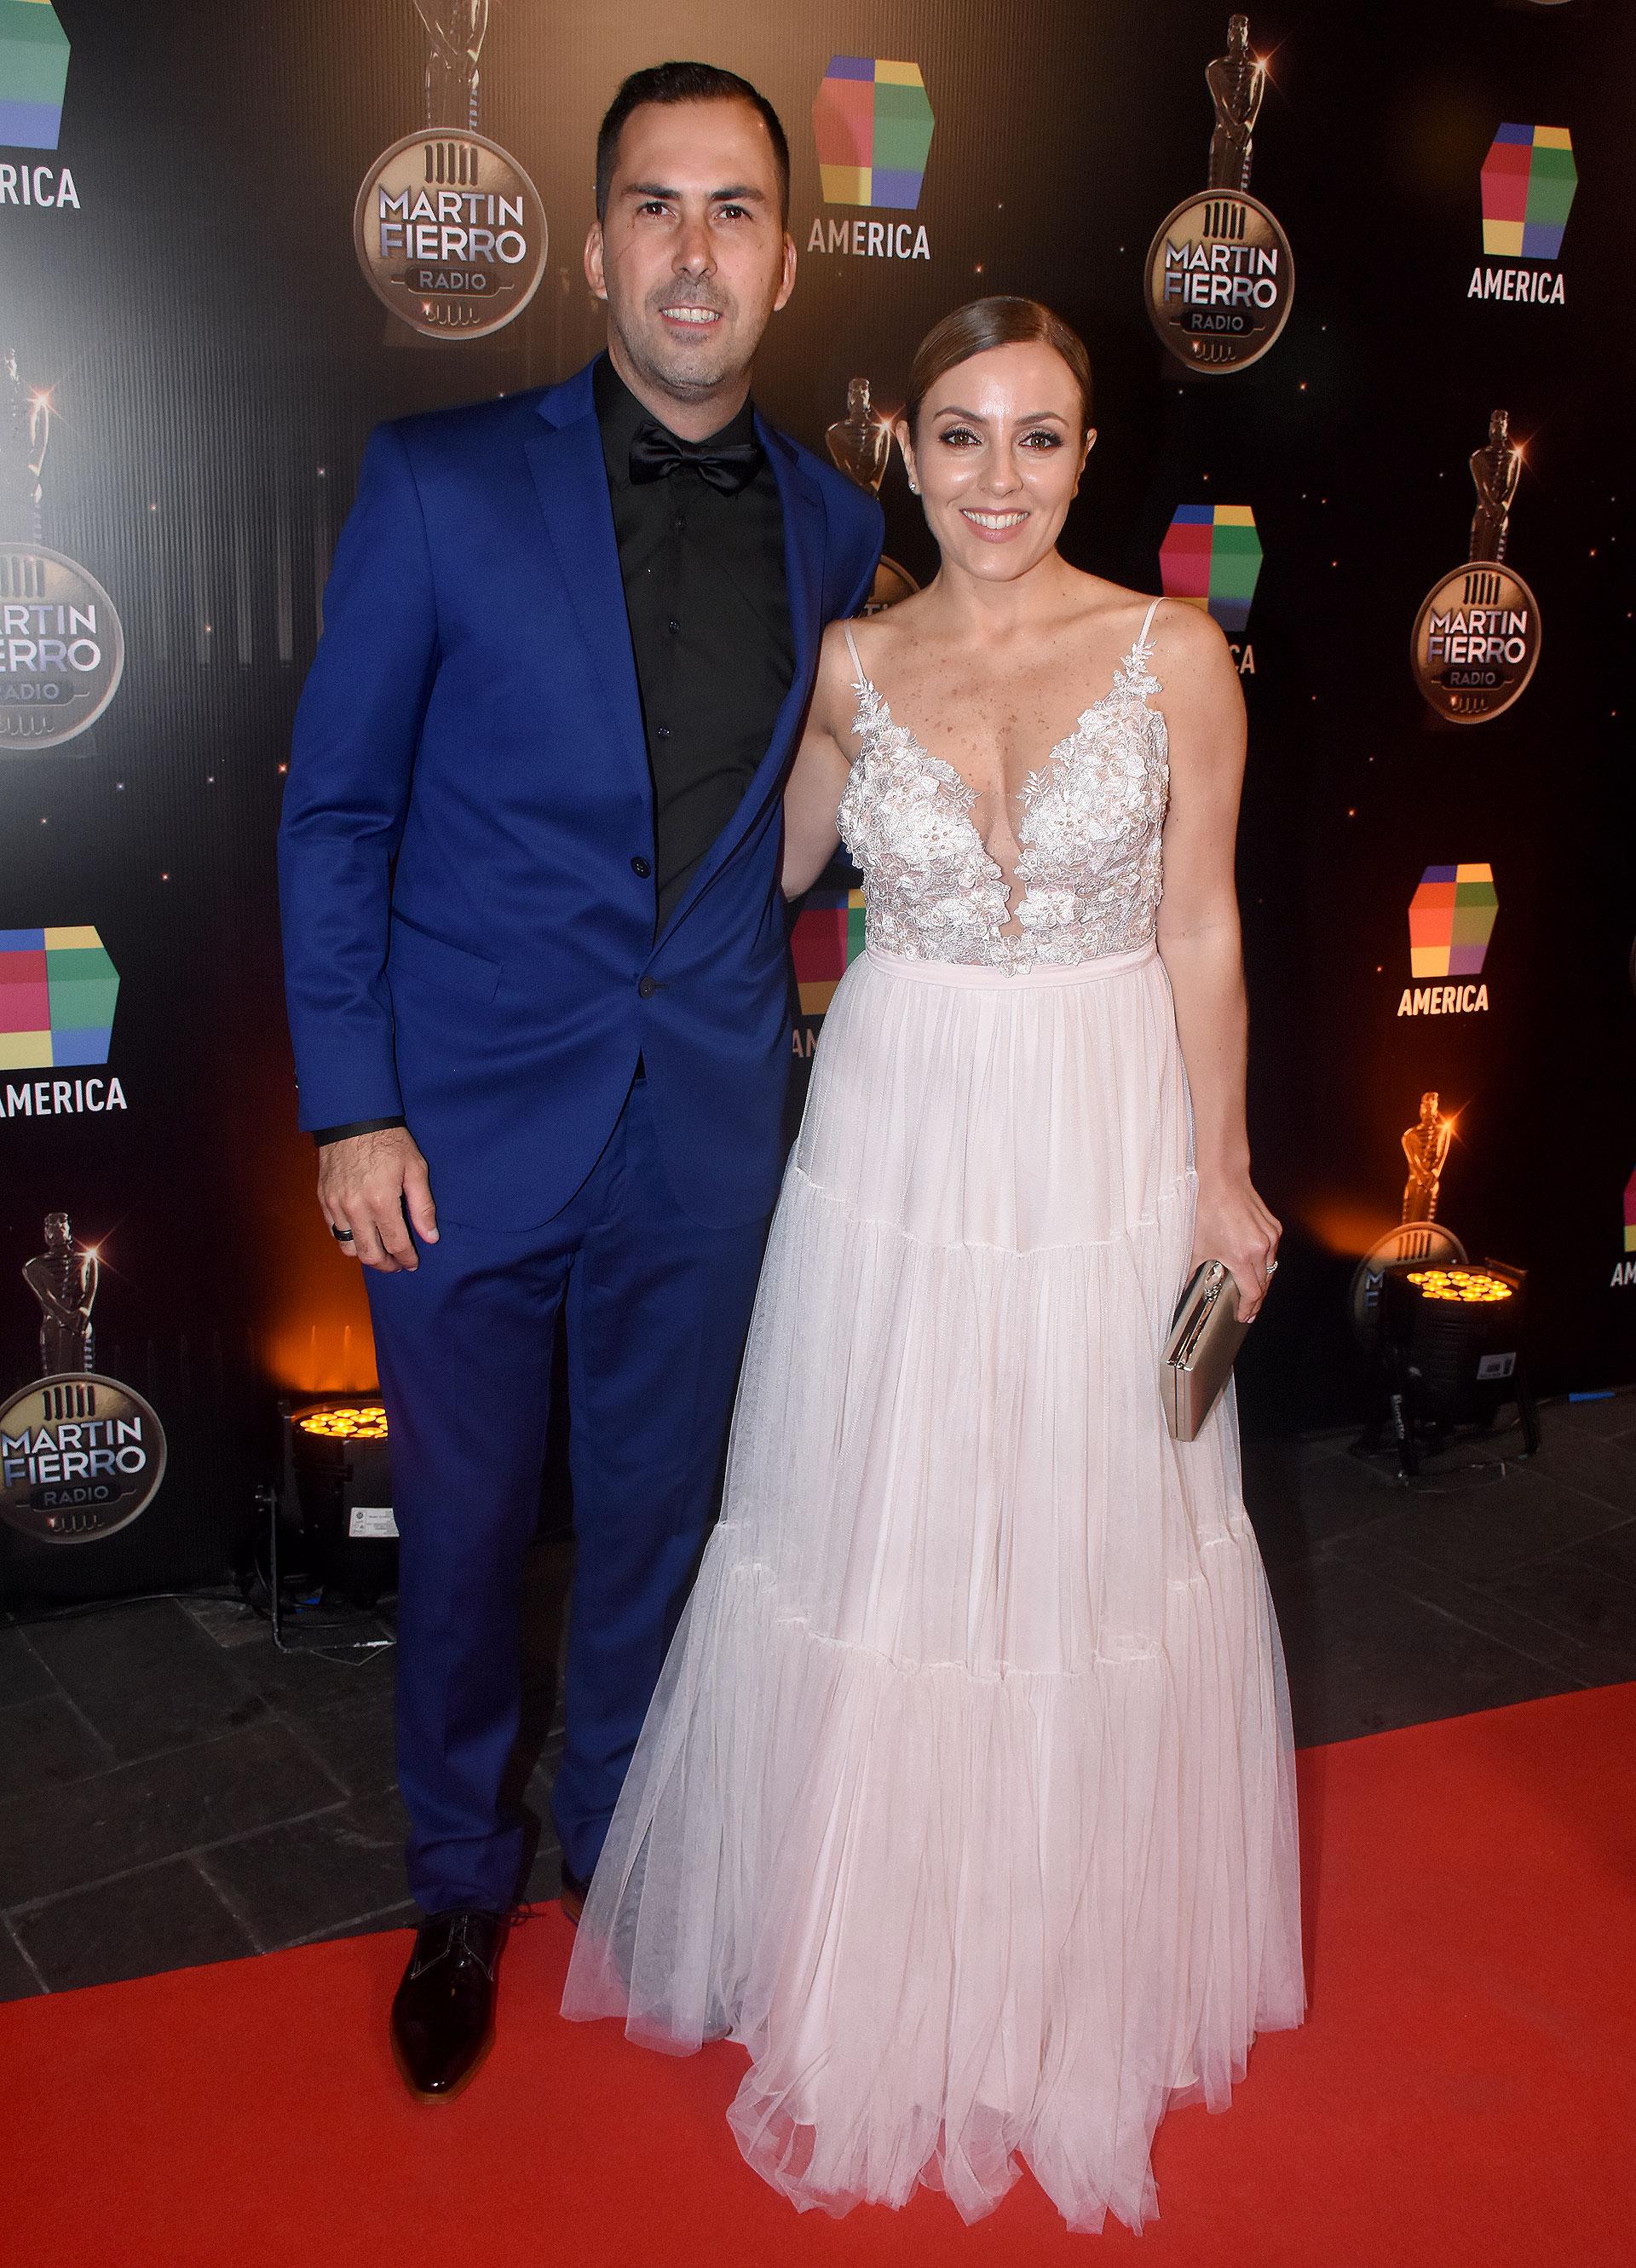 Martín Arevalo y Cora Debarbieri